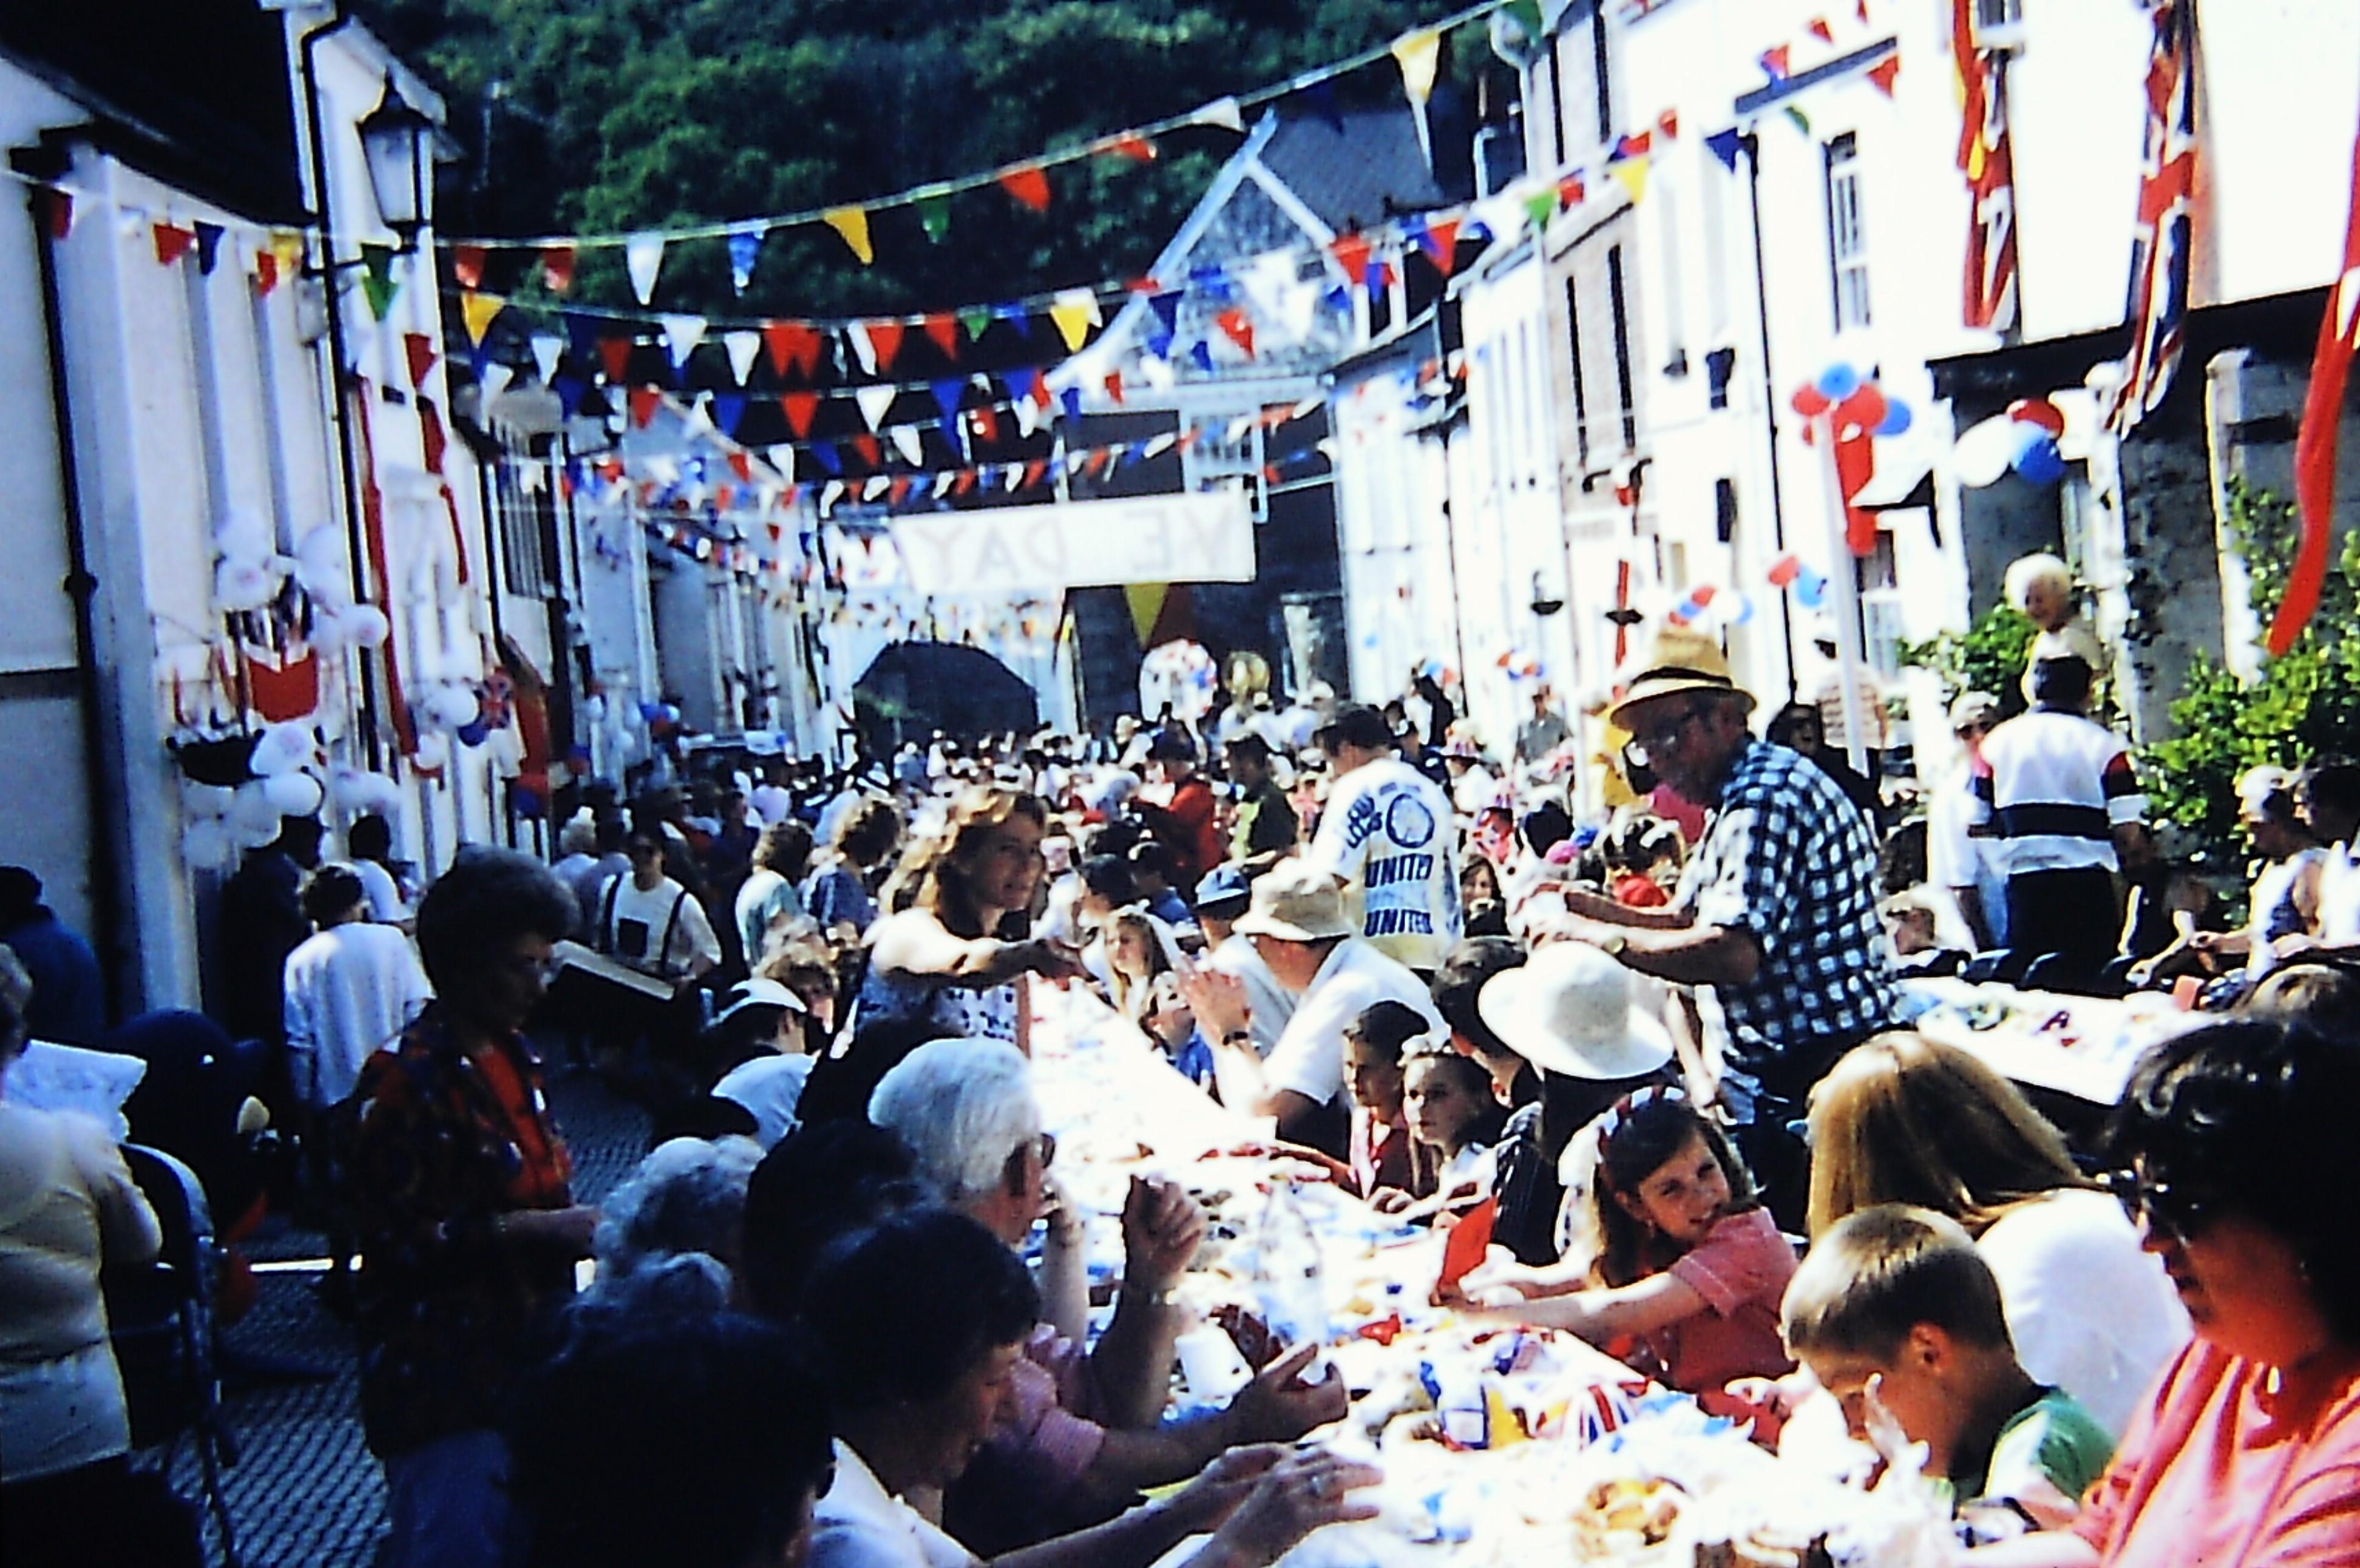 V.E. Day celebrations 1995 - 1